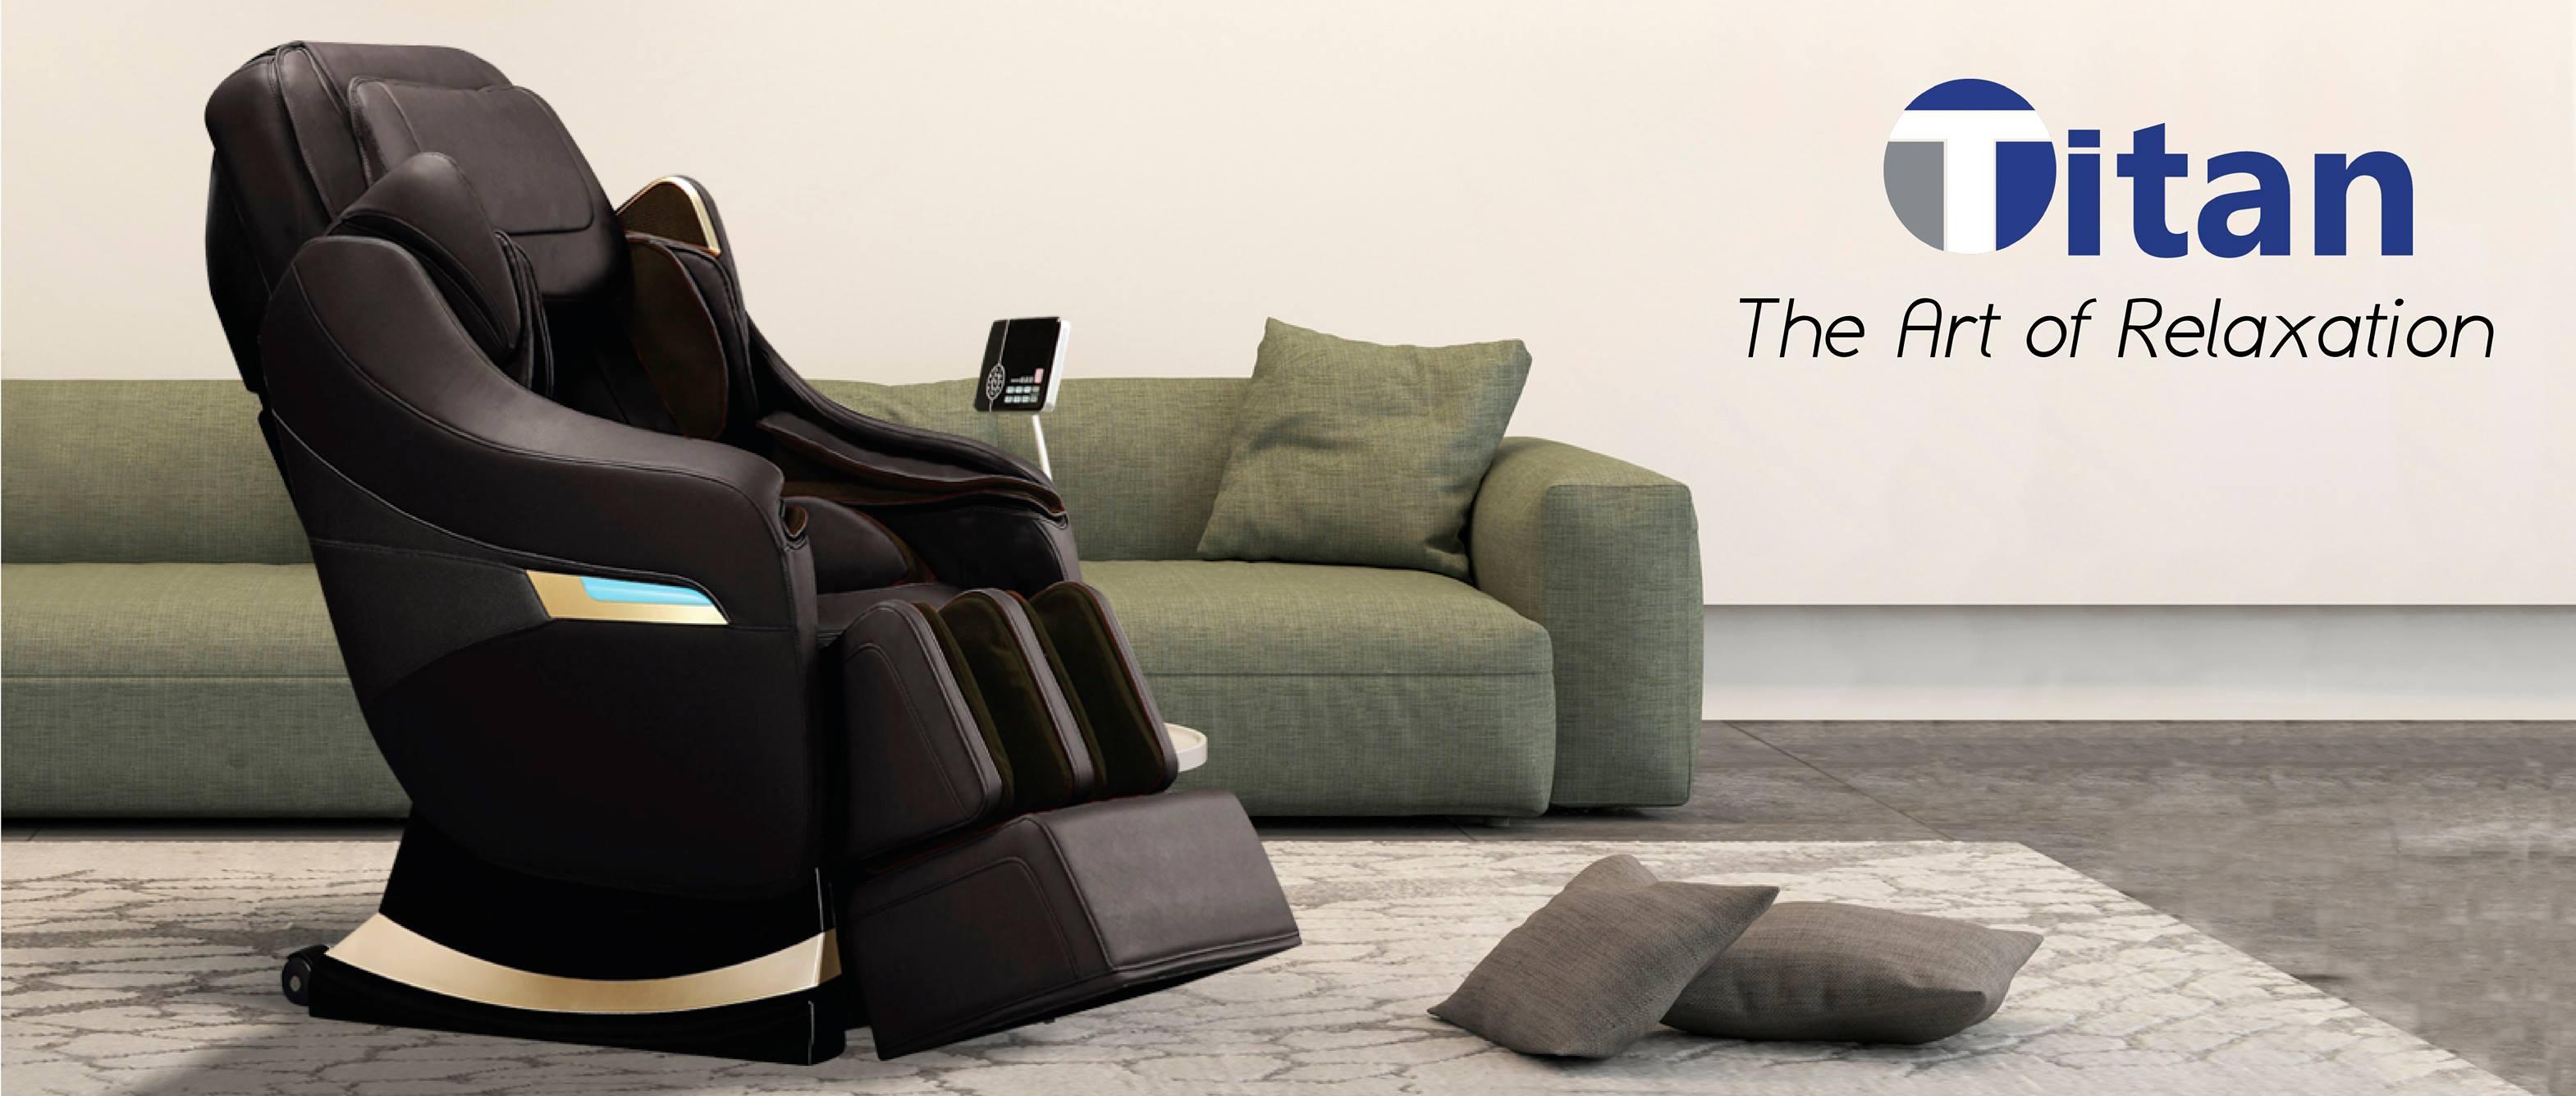 Titan Chairs banner